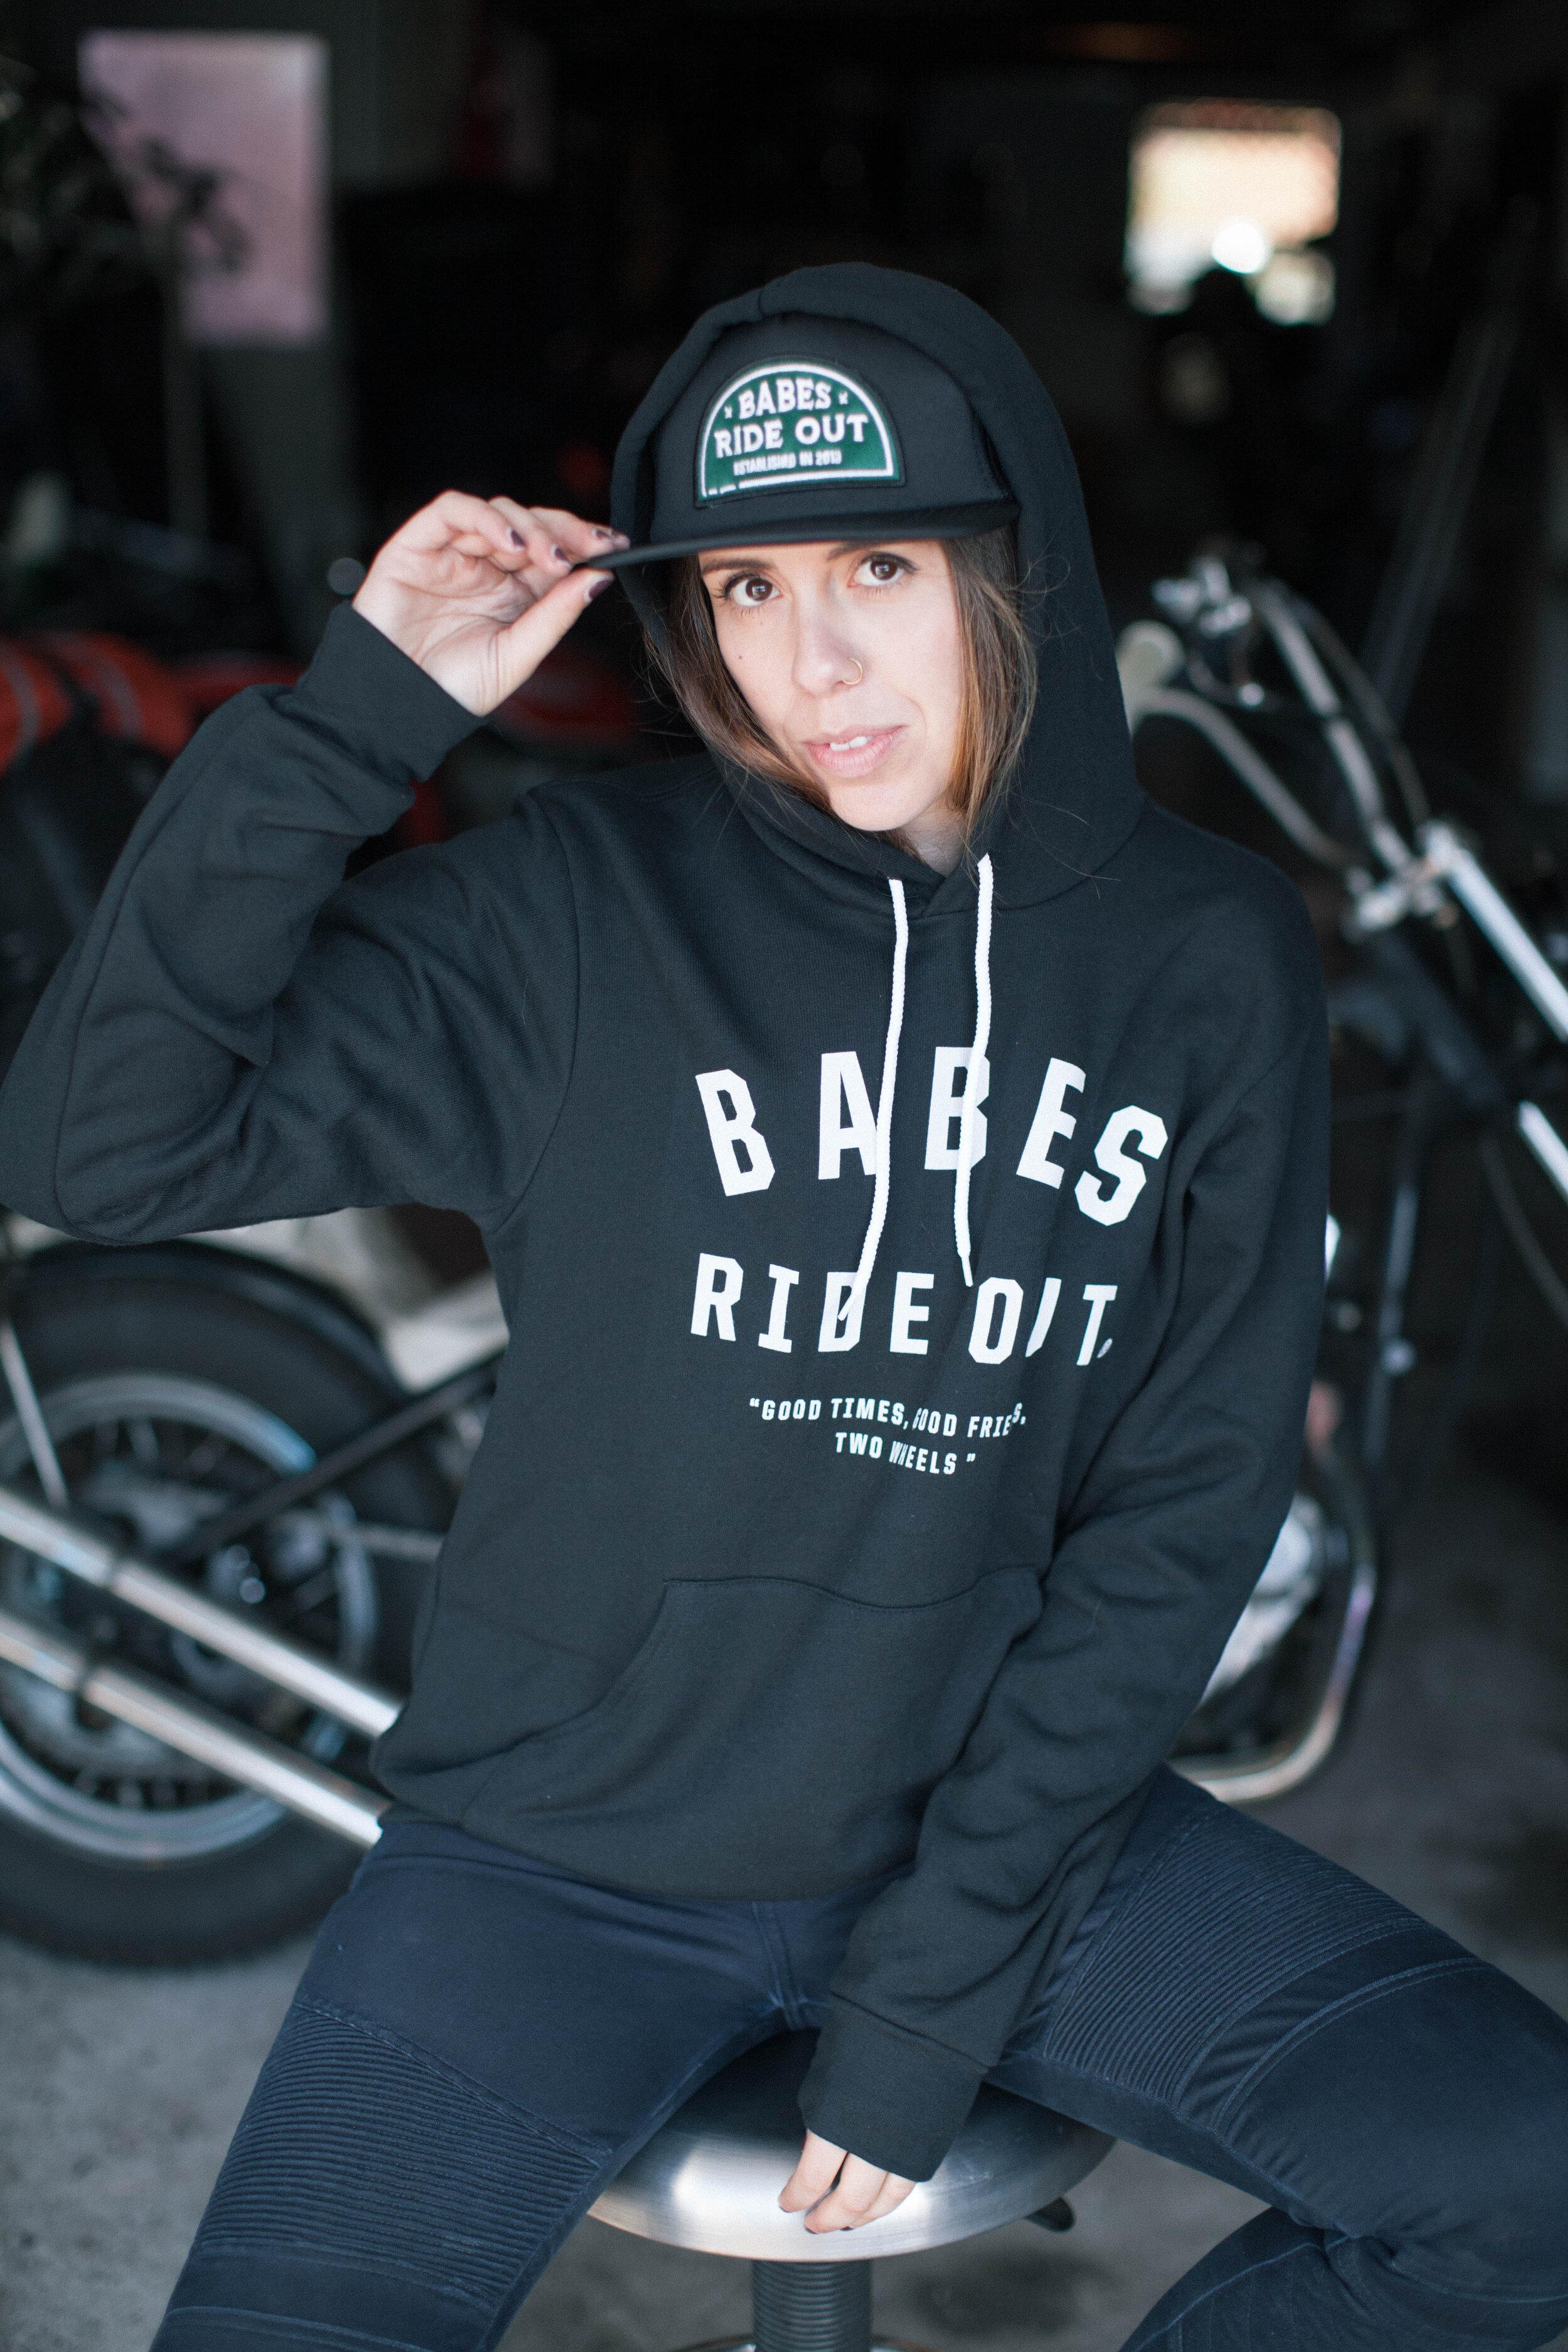 Babes_Ride_Out_Merch_0013.jpg